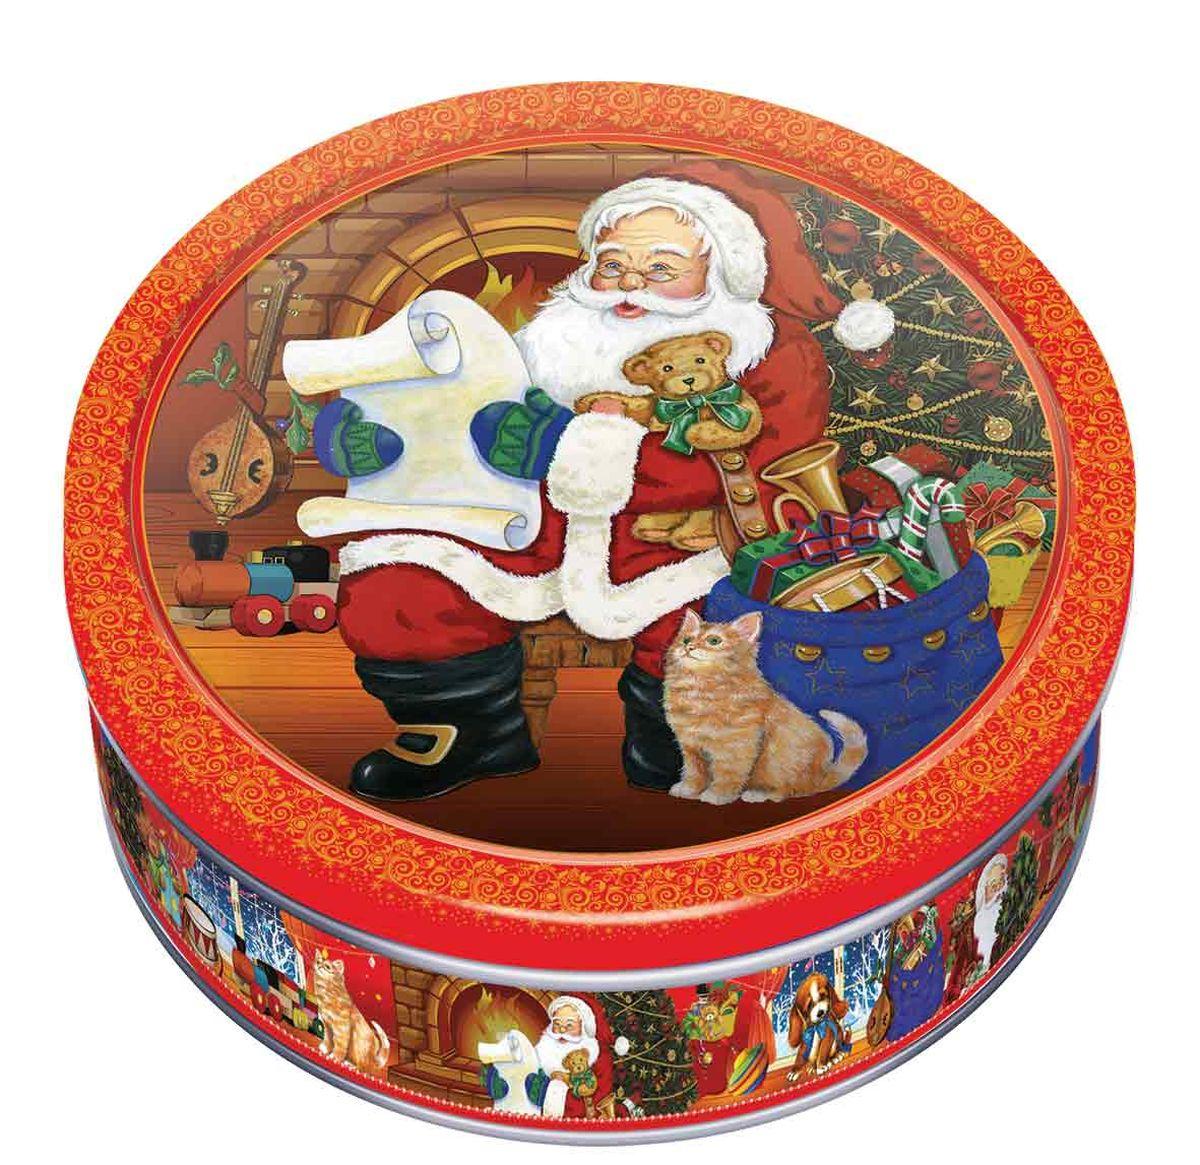 Сладкая Сказка Печенье в подарочной новогодней красной банке, 150 гMC-6-13_красныйНовогоднее печенье в синей банке — самое лучшее и готовое решение для вкусного подарка друзьям, близким и коллегам на рождественские праздники.Изображенный на крышке Дед Мороз создаст праздничное настроение, а сдобное печенье станет отличным угощением к чаю.Продукт производится на российской фабрике МАК-Иваново и в его рецептуре используются только натуральные ингредиенты, что делает его не только вкусным, но и полезным.Жестяную банку, после того, как лакомство закончилось, можно использовать в качестве украшения интерьера или для хранения мелочей и сыпучих продуктов.